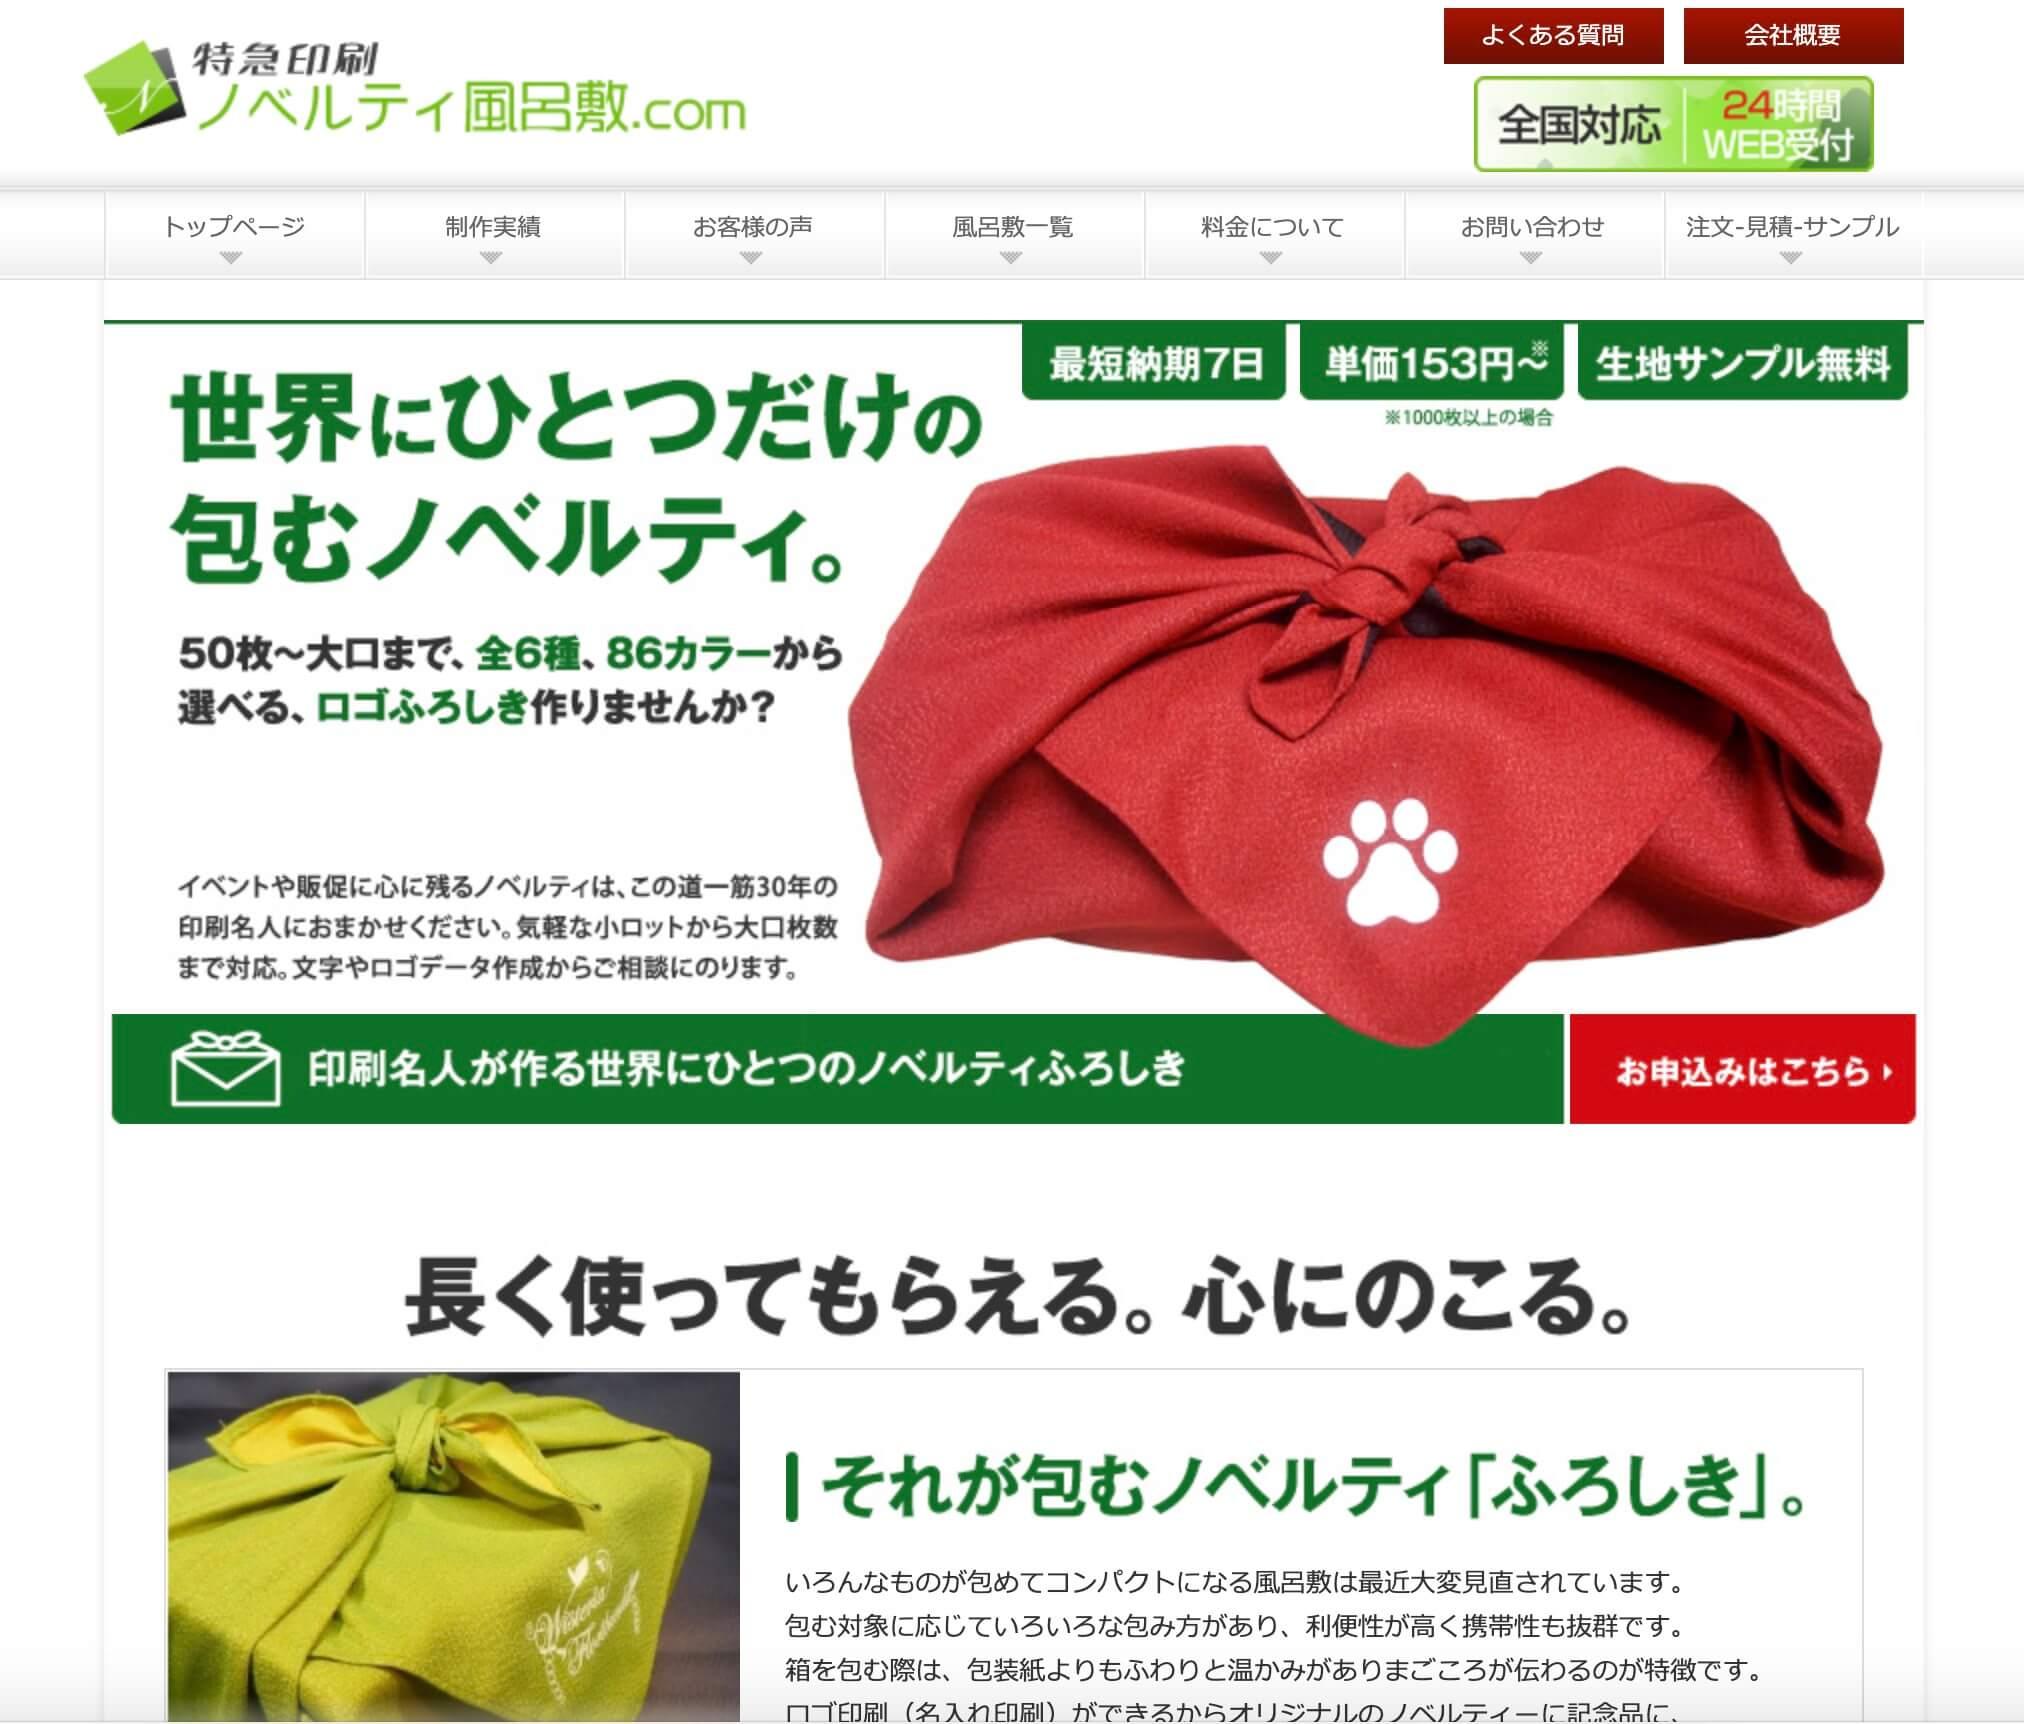 ノベルティ風呂敷.com